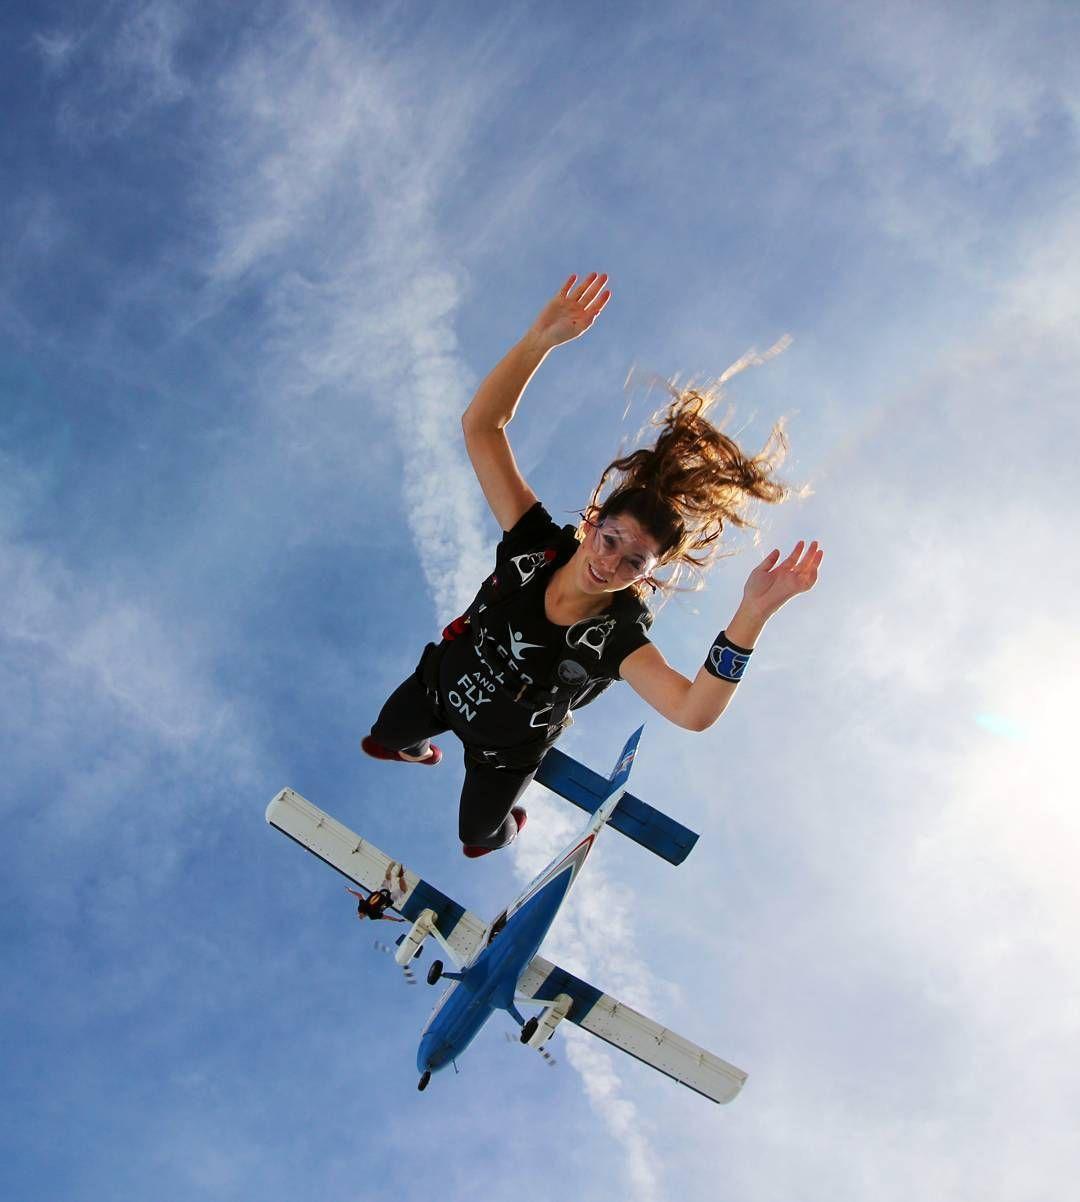 u201c Adrena_lady Stephanie Garza Insta xxxxx ? Jumps 58 Canopy Sabre 2 170 ? DropZone  Skye Spaceland @skyespaceland Photo Creditsu2026u201d  sc 1 st  Pinterest & Adrena_lady: Stephanie Garza Insta: xxxxx ? Jumps: 58 Canopy: Sabre ...